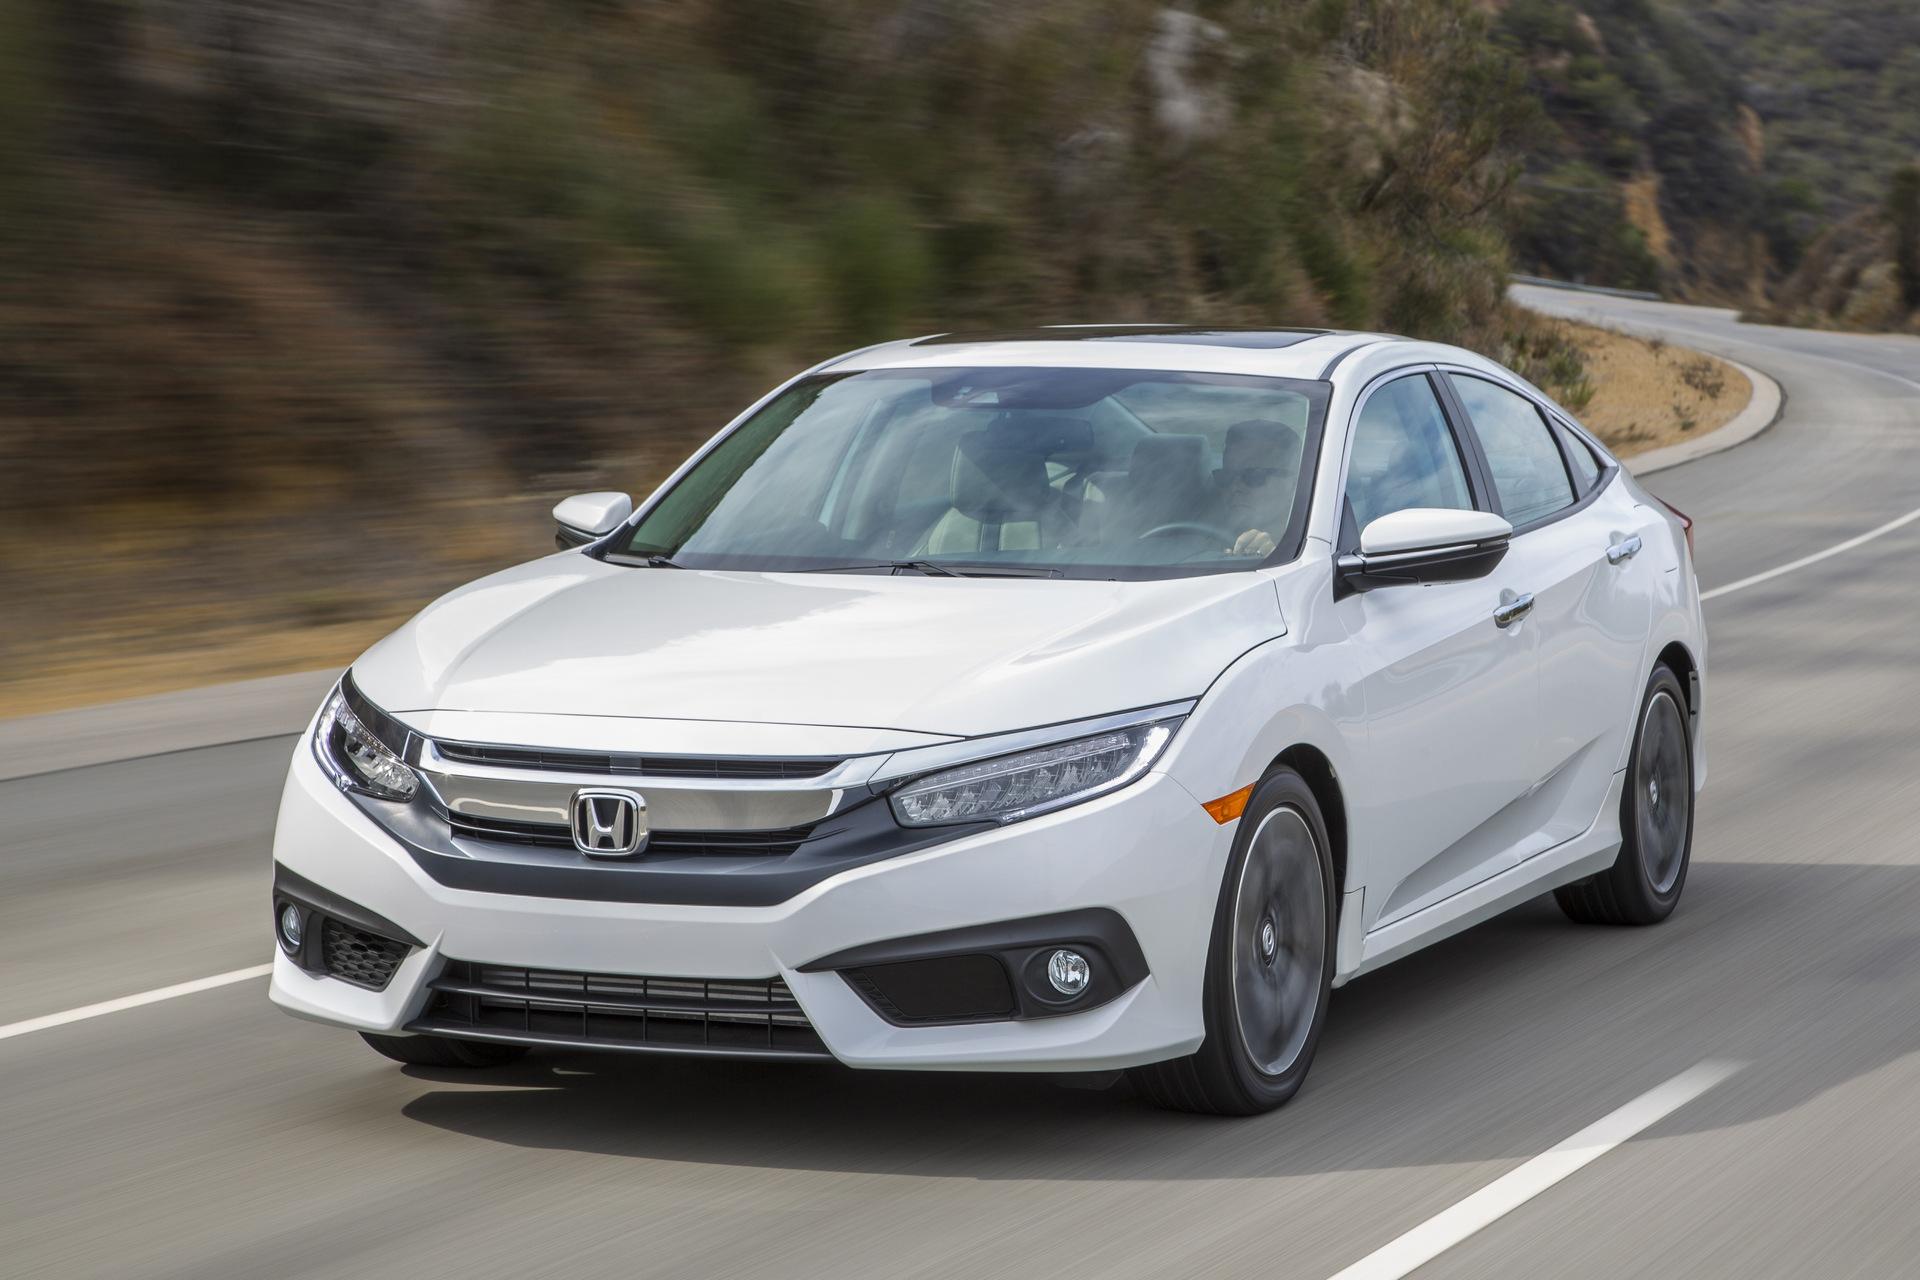 2016 Honda Civic © Honda Motor Co., Ltd.